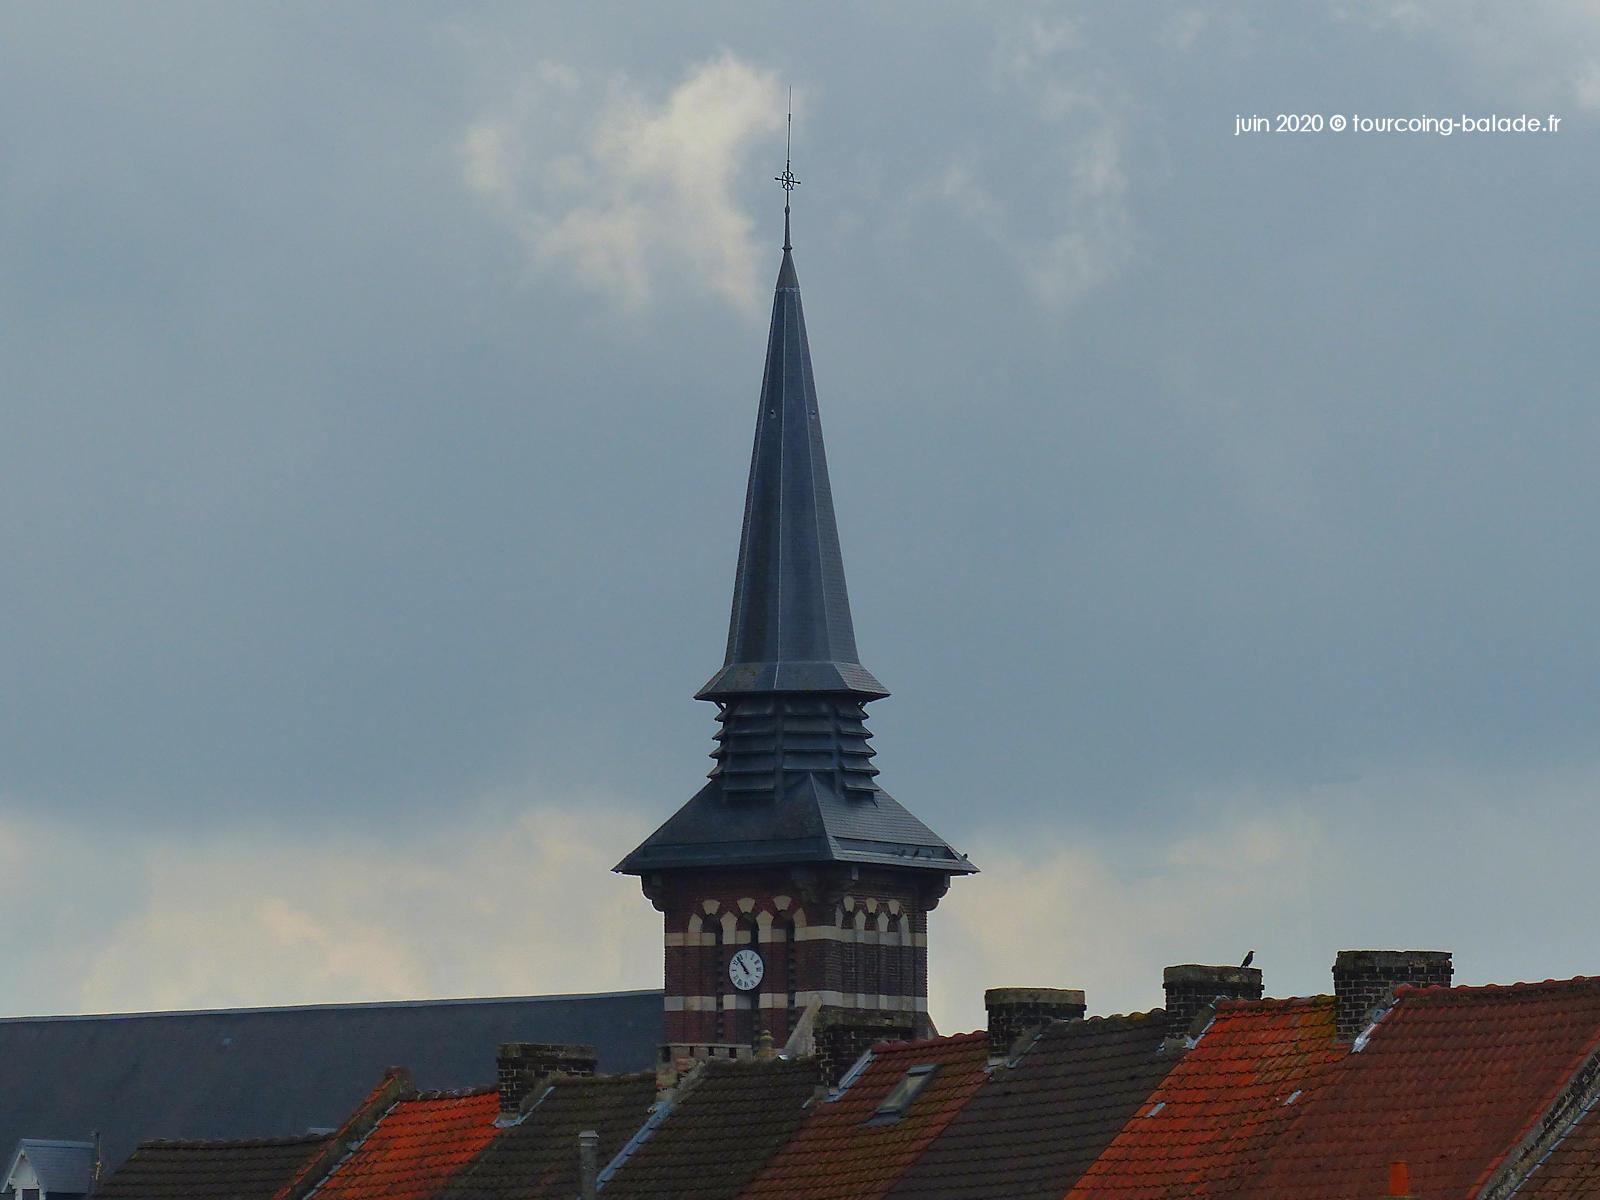 Clocher église Notre-Dame de Consolation, Tourcoing